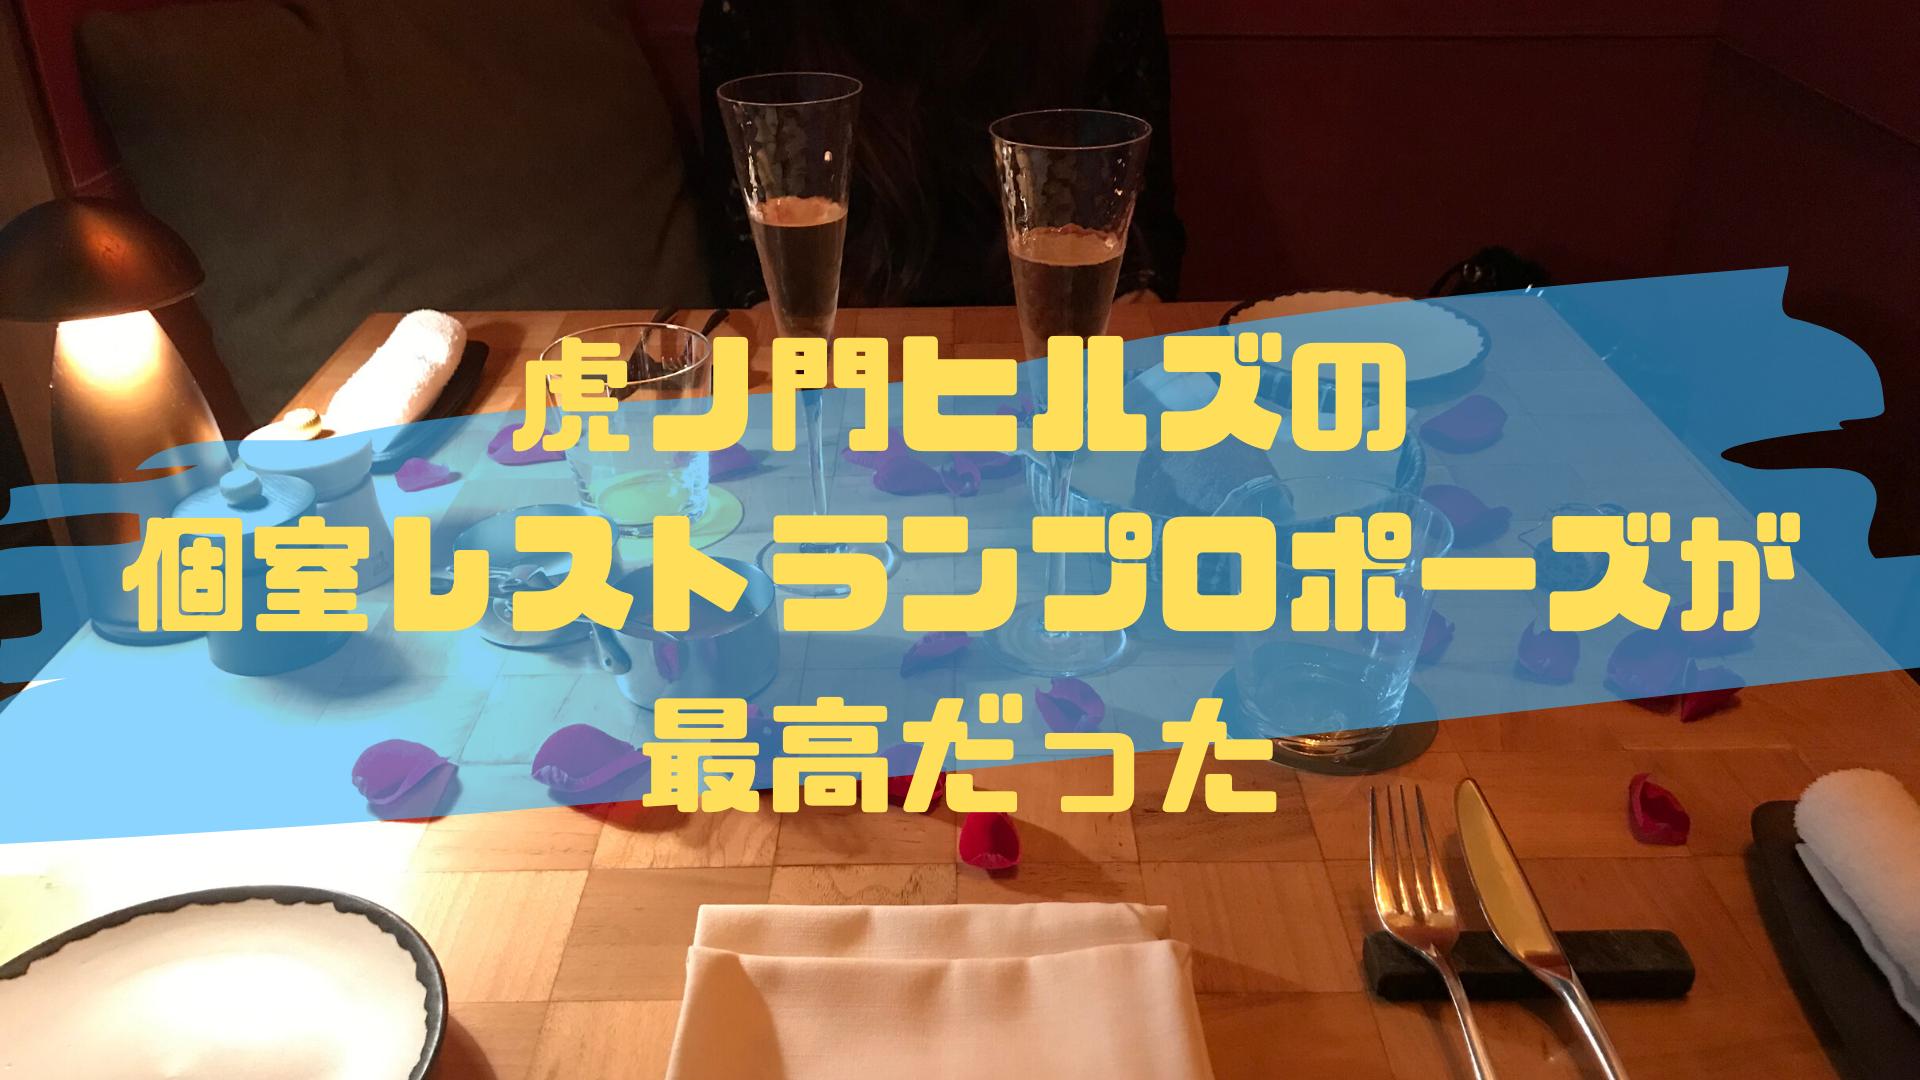 【プロポーズ案・男性向け】虎ノ門ヒルズのレストランでの個室プロポーズが最高だった